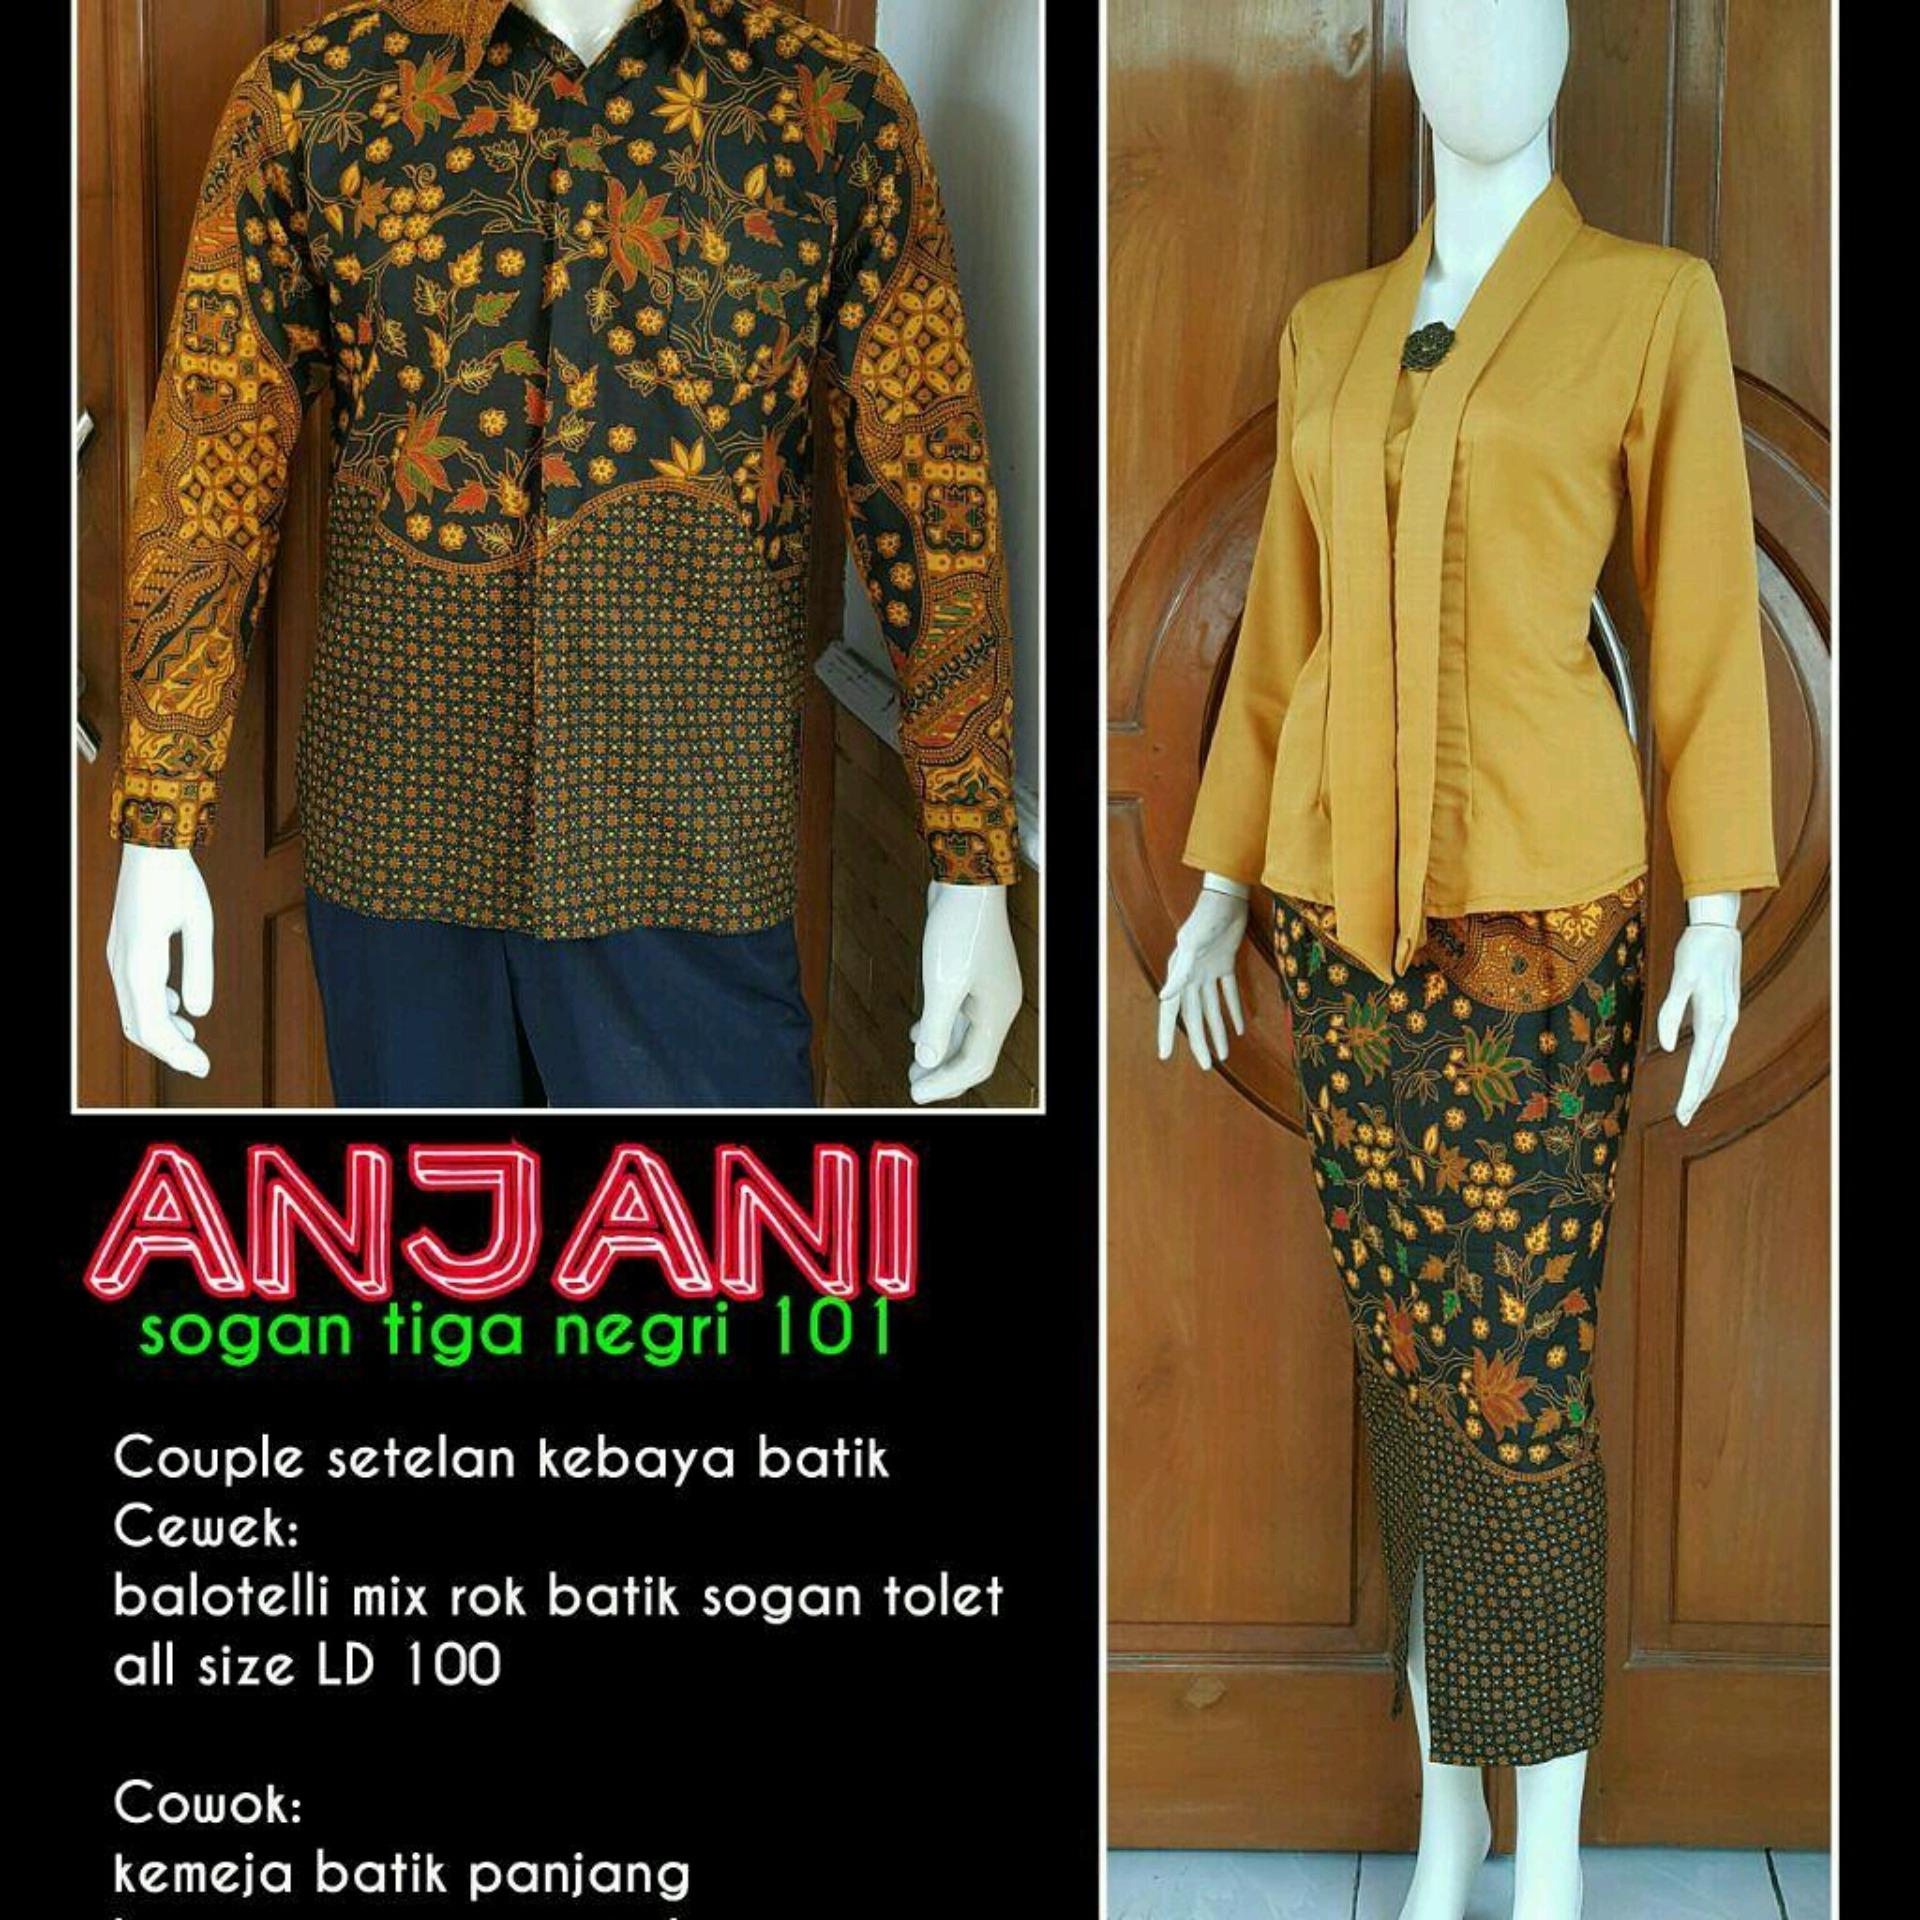 Kembar Kebaya Batwing Sharon Plus Rok Lilit Batik Warna Putih ... - Baju Batik Wanita Kebaya Rok Lilit. Source · Couple setelan kebaya batik anjani sogan .